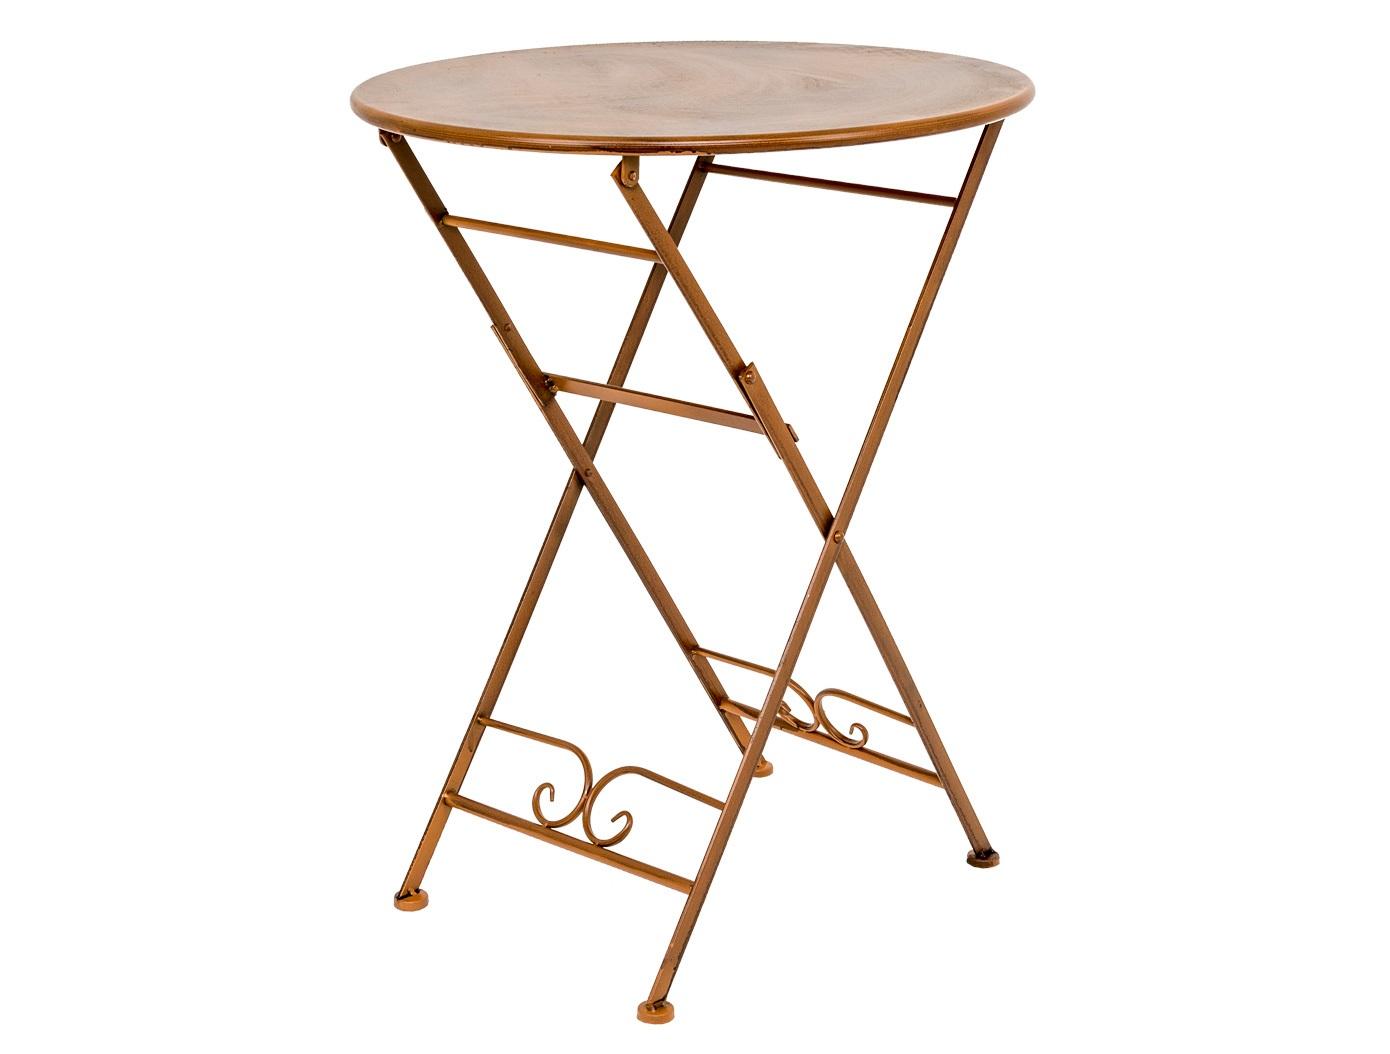 Складной столик для завтрака «Жарден»Столы и столики для сада<br>Скромный вес и складная конструкция столика «Жарден» позволяют легко перемещать его в нужное место. Конструкция максимально комфортабельна: столик складывается единым легким движением, в сложенном виде он компактен для хранения и легок для перемещений.&amp;amp;nbsp;&amp;lt;div&amp;gt;Металлическая мебель неприхотлива в уходе, прочна и долговечна. Она не боится царапин и трещин, не рассыхается. &amp;lt;/div&amp;gt;<br><br>Material: Металл<br>Высота см: 74